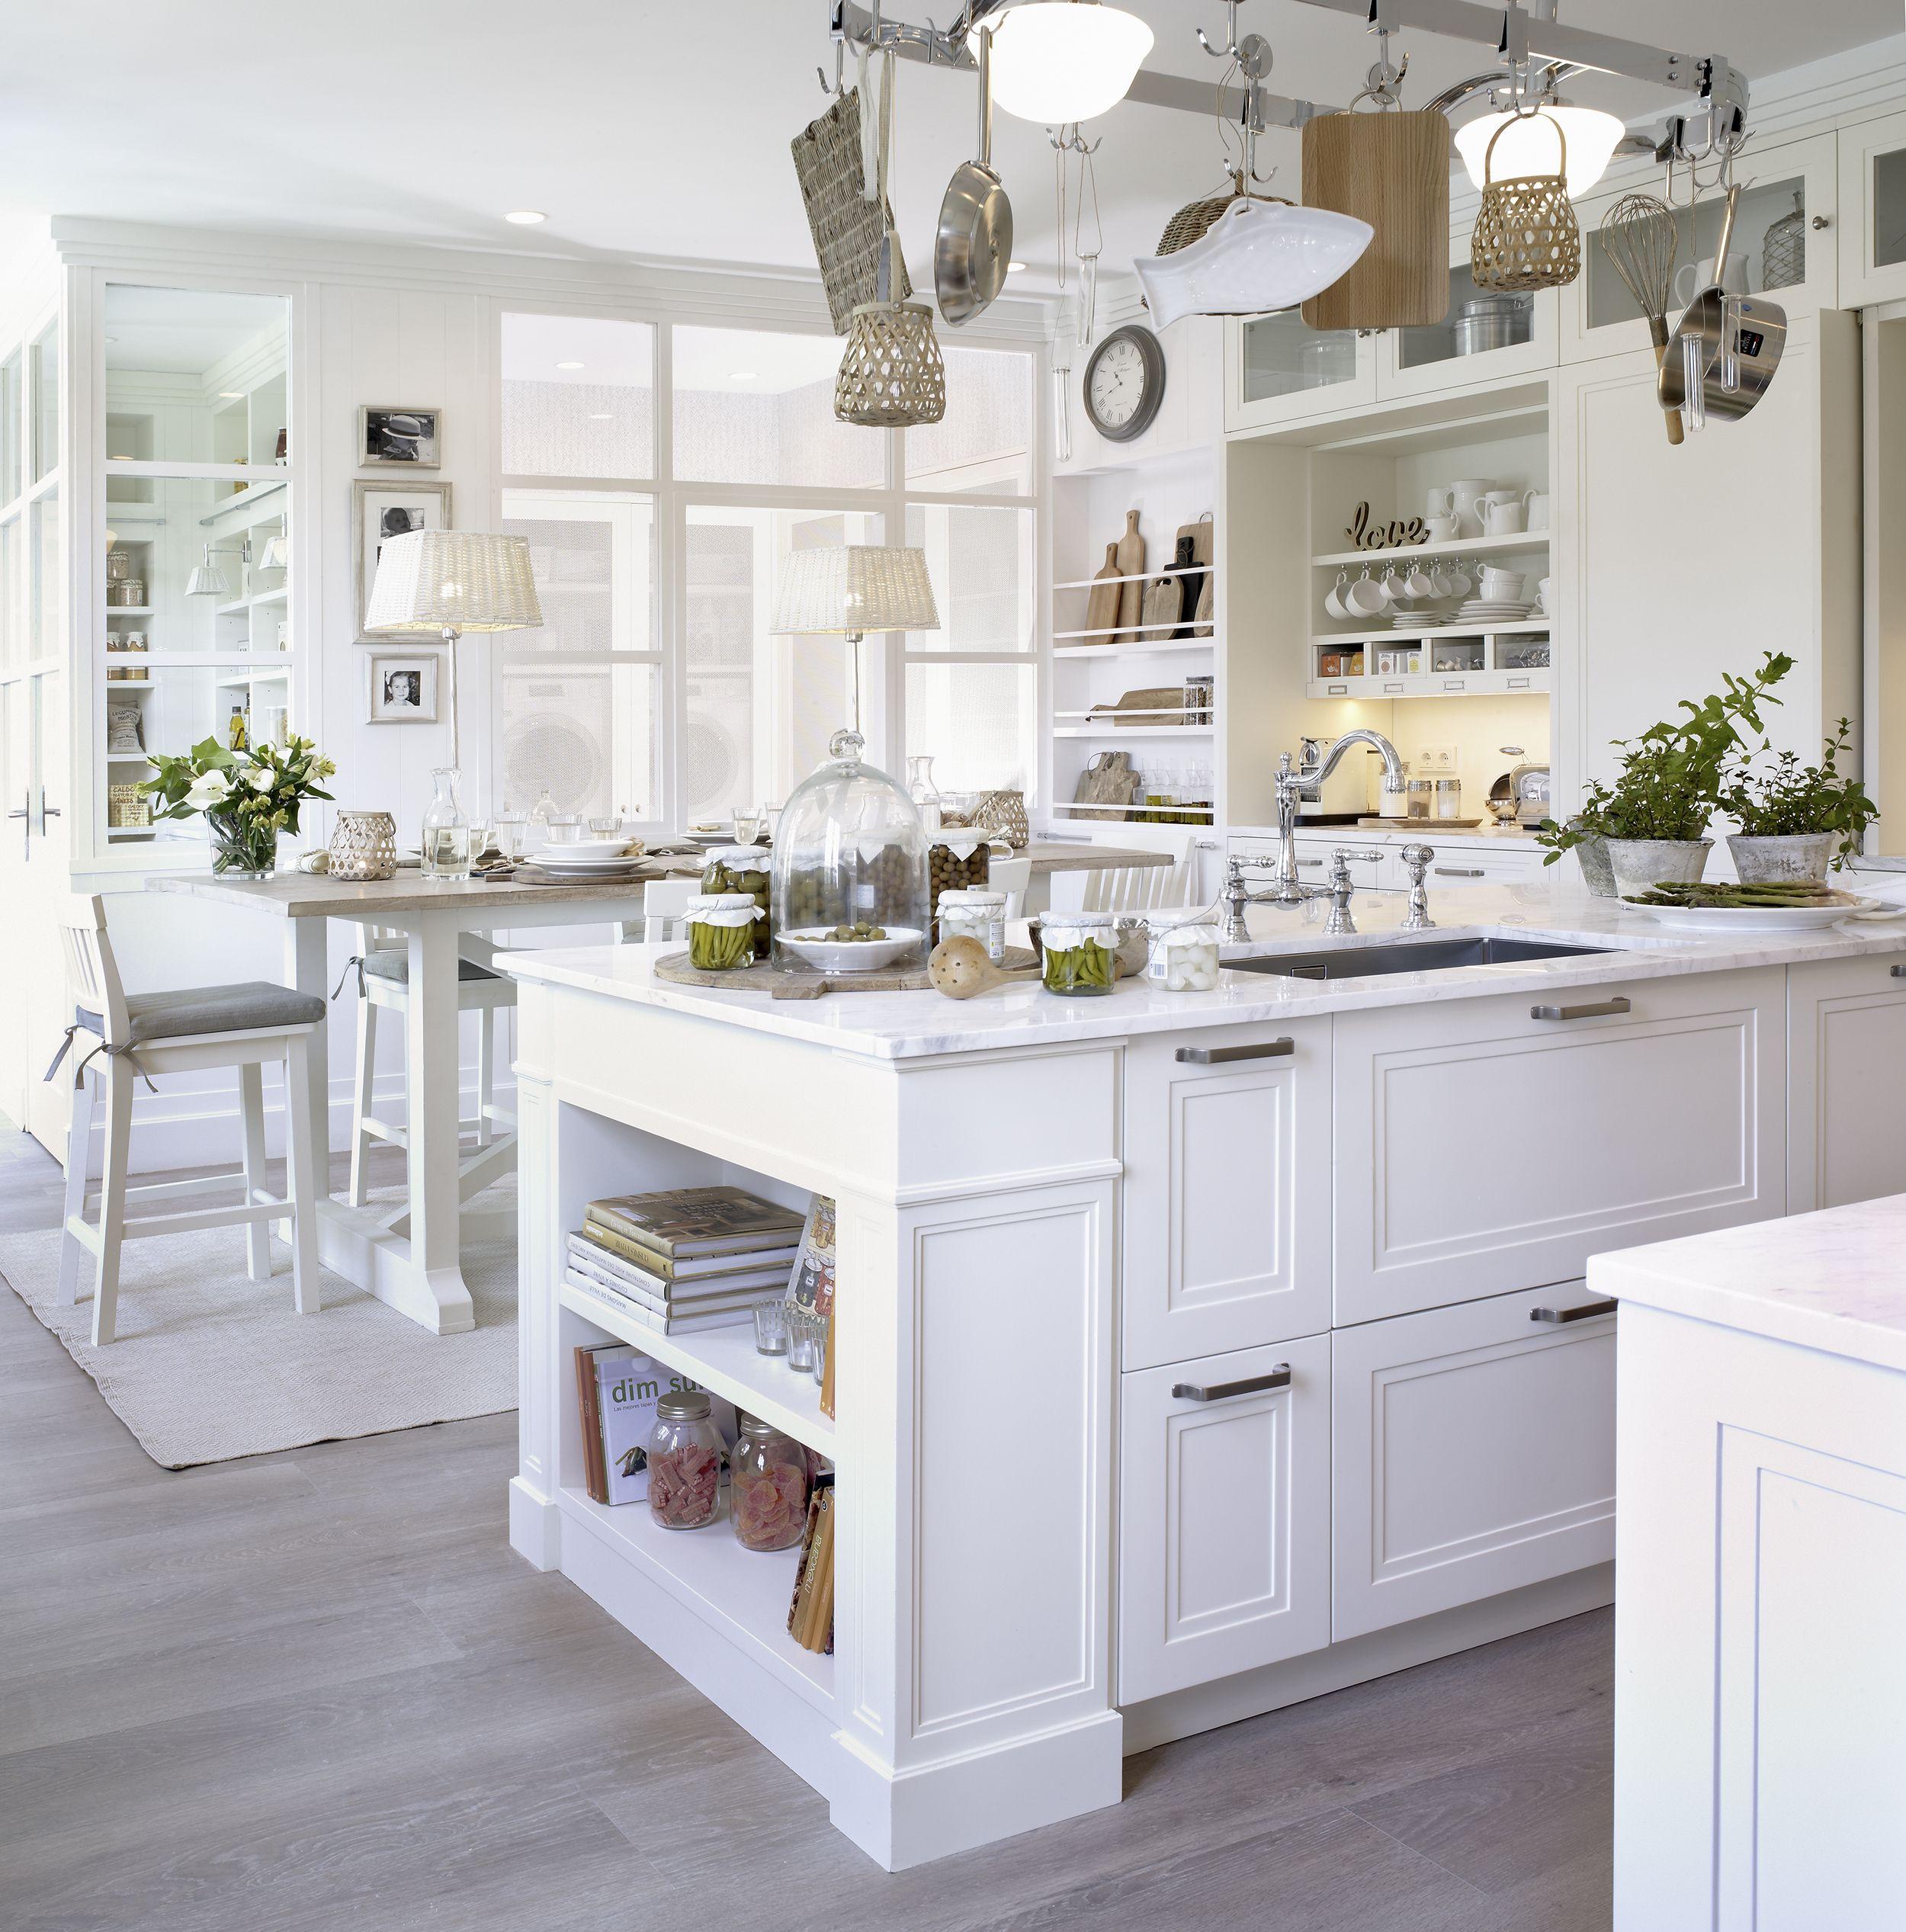 Home | Tabla de cortar, Cocinas kitchen y Sartenes